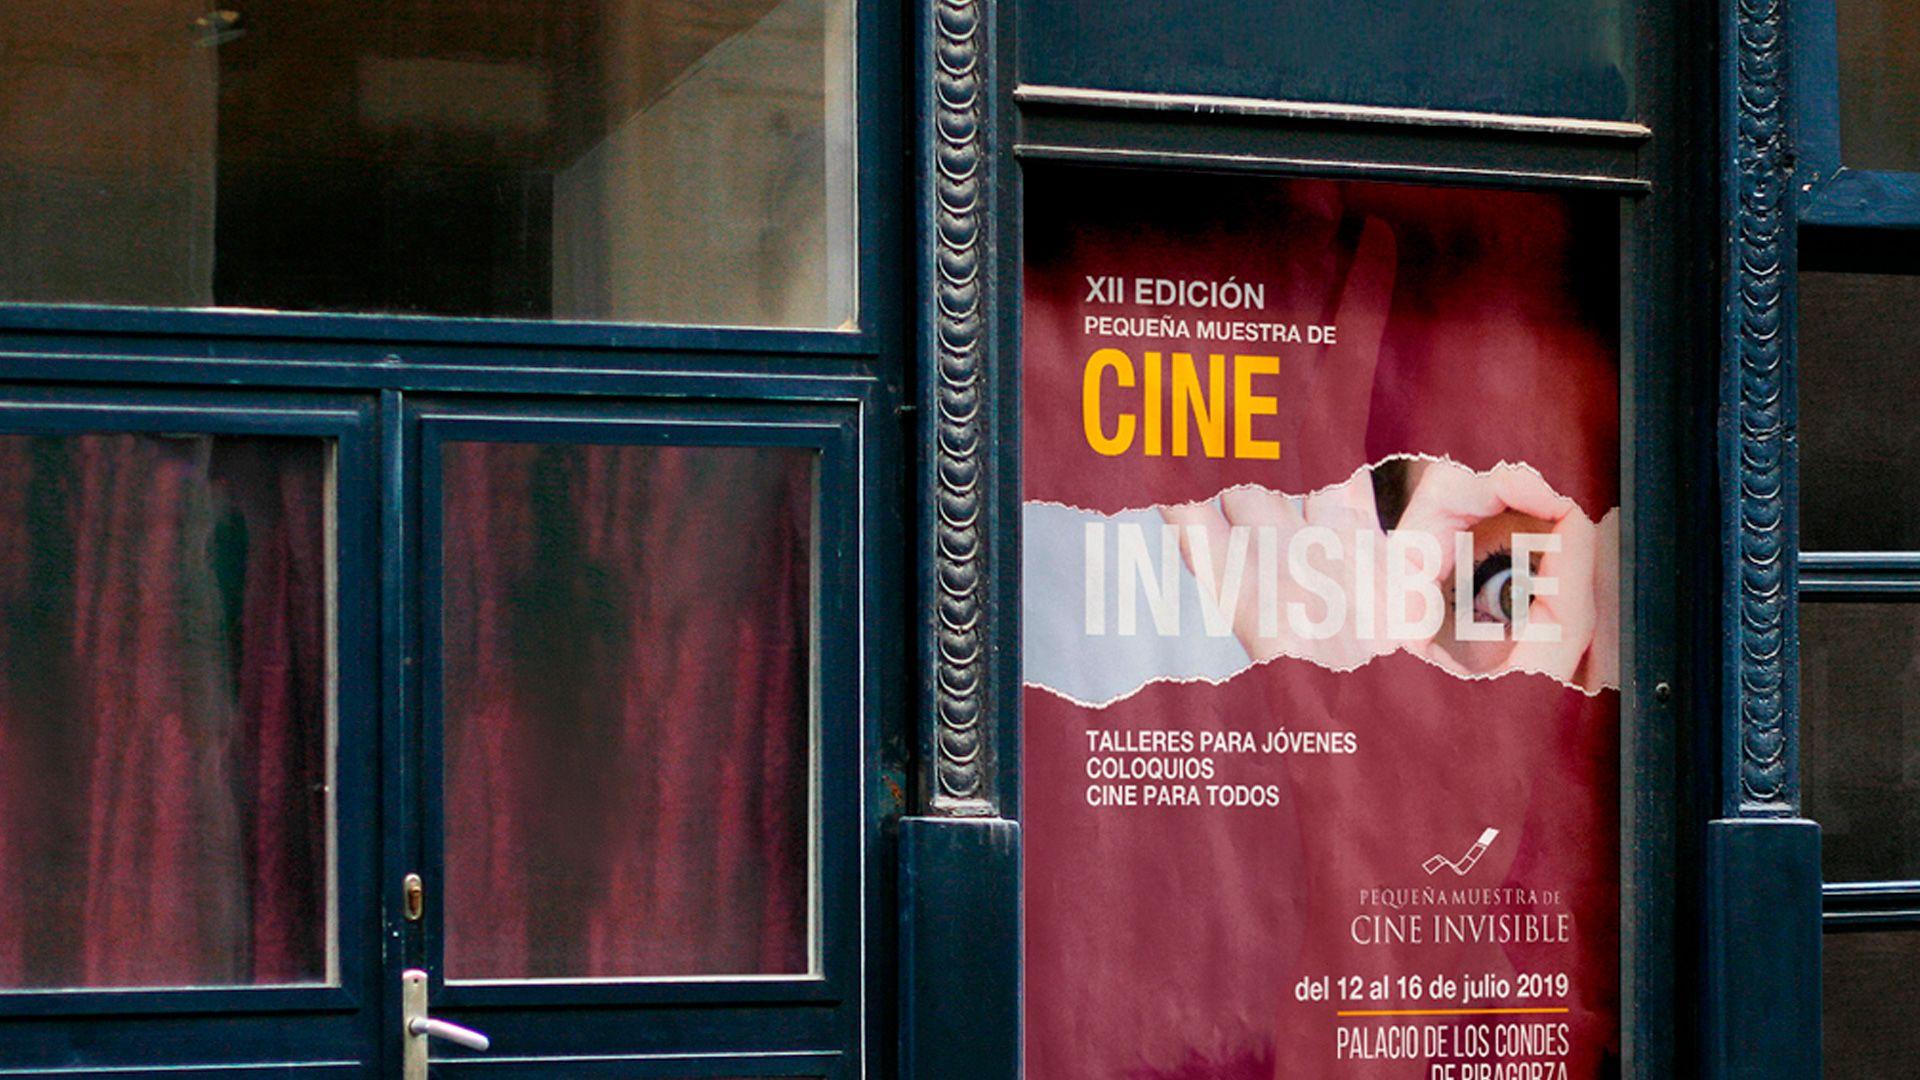 Muestra de cine invisible 2019 Benasque